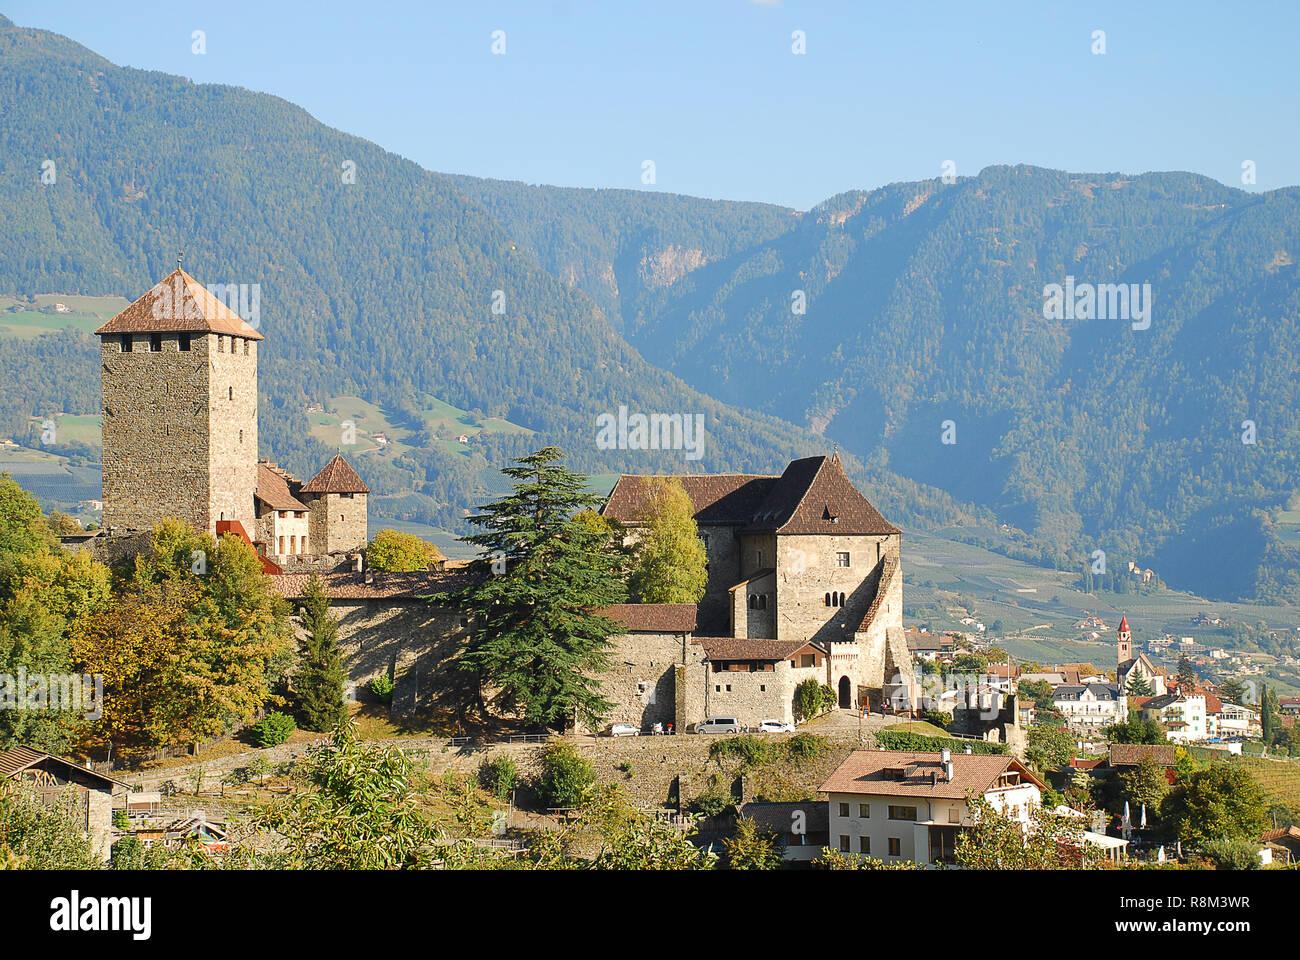 Castel Tirolo in Tirolo, Alto Adige, Italia. Castel Tirolo ospita il Museo Provinciale di Cultura e Storia provinciale Foto Stock